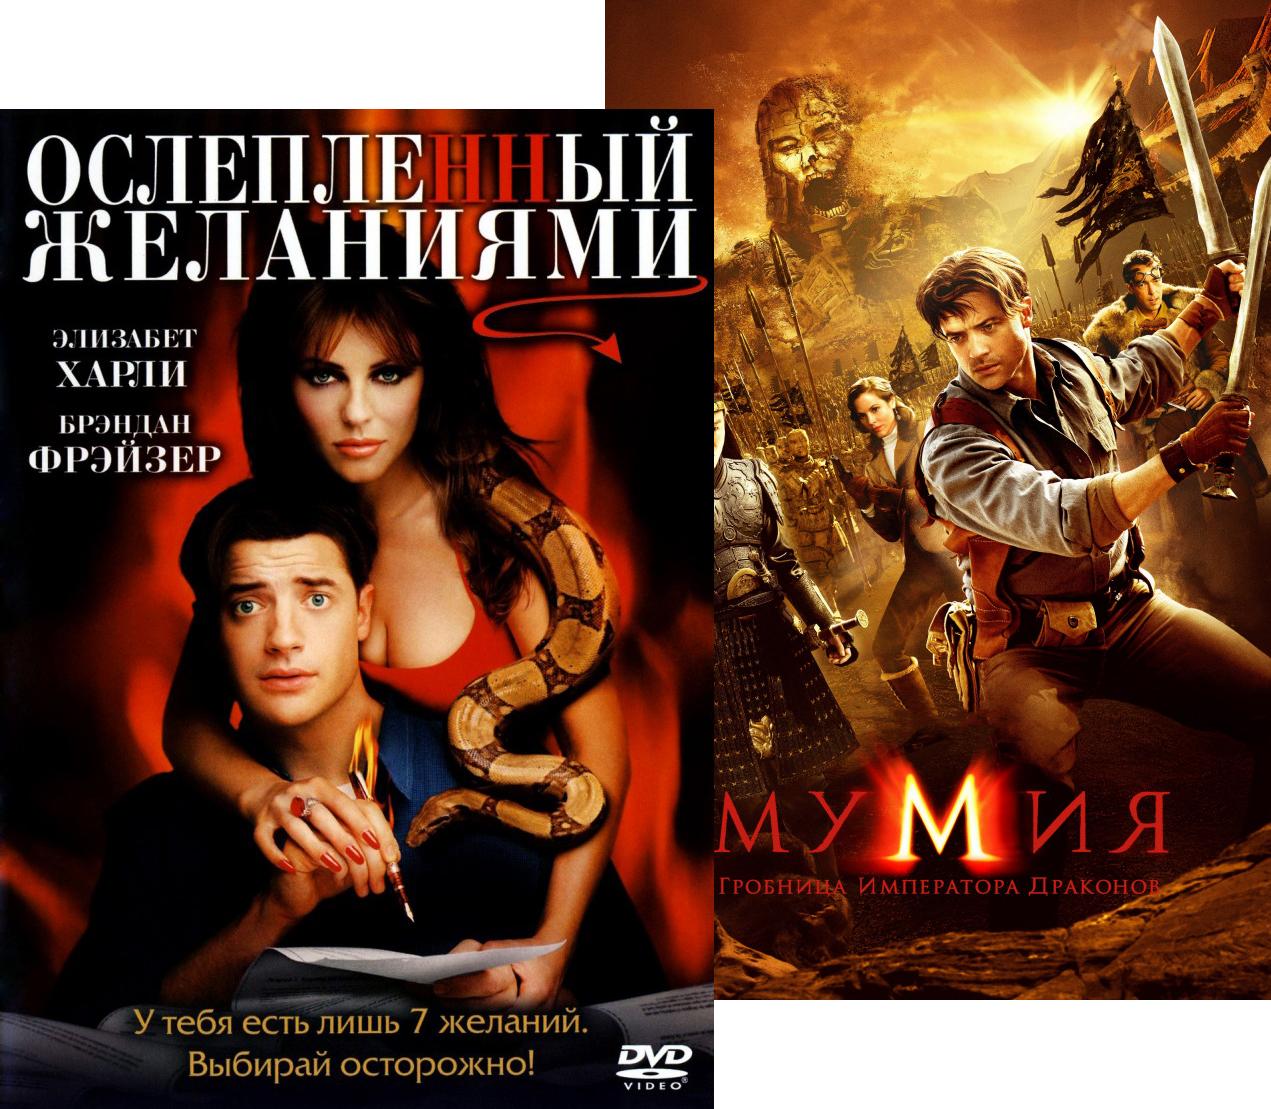 Мумия: Гробница Императора Драконов / Ослепленный желаниями (3 DVD) фото